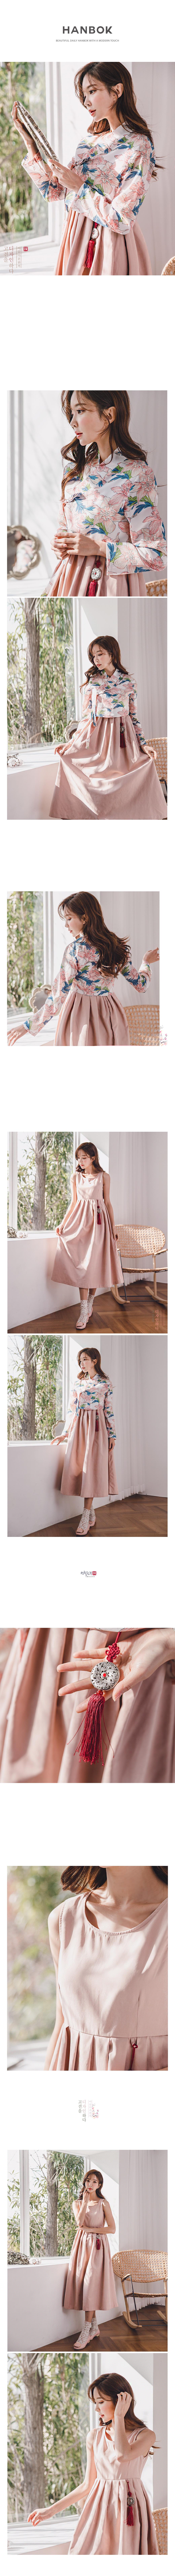 생활한복세트 분화수+수화 핑크 원피스85,900원-츄샵패션의류, 생활한복, 생활한복, 여성한복바보사랑생활한복세트 분화수+수화 핑크 원피스85,900원-츄샵패션의류, 생활한복, 생활한복, 여성한복바보사랑